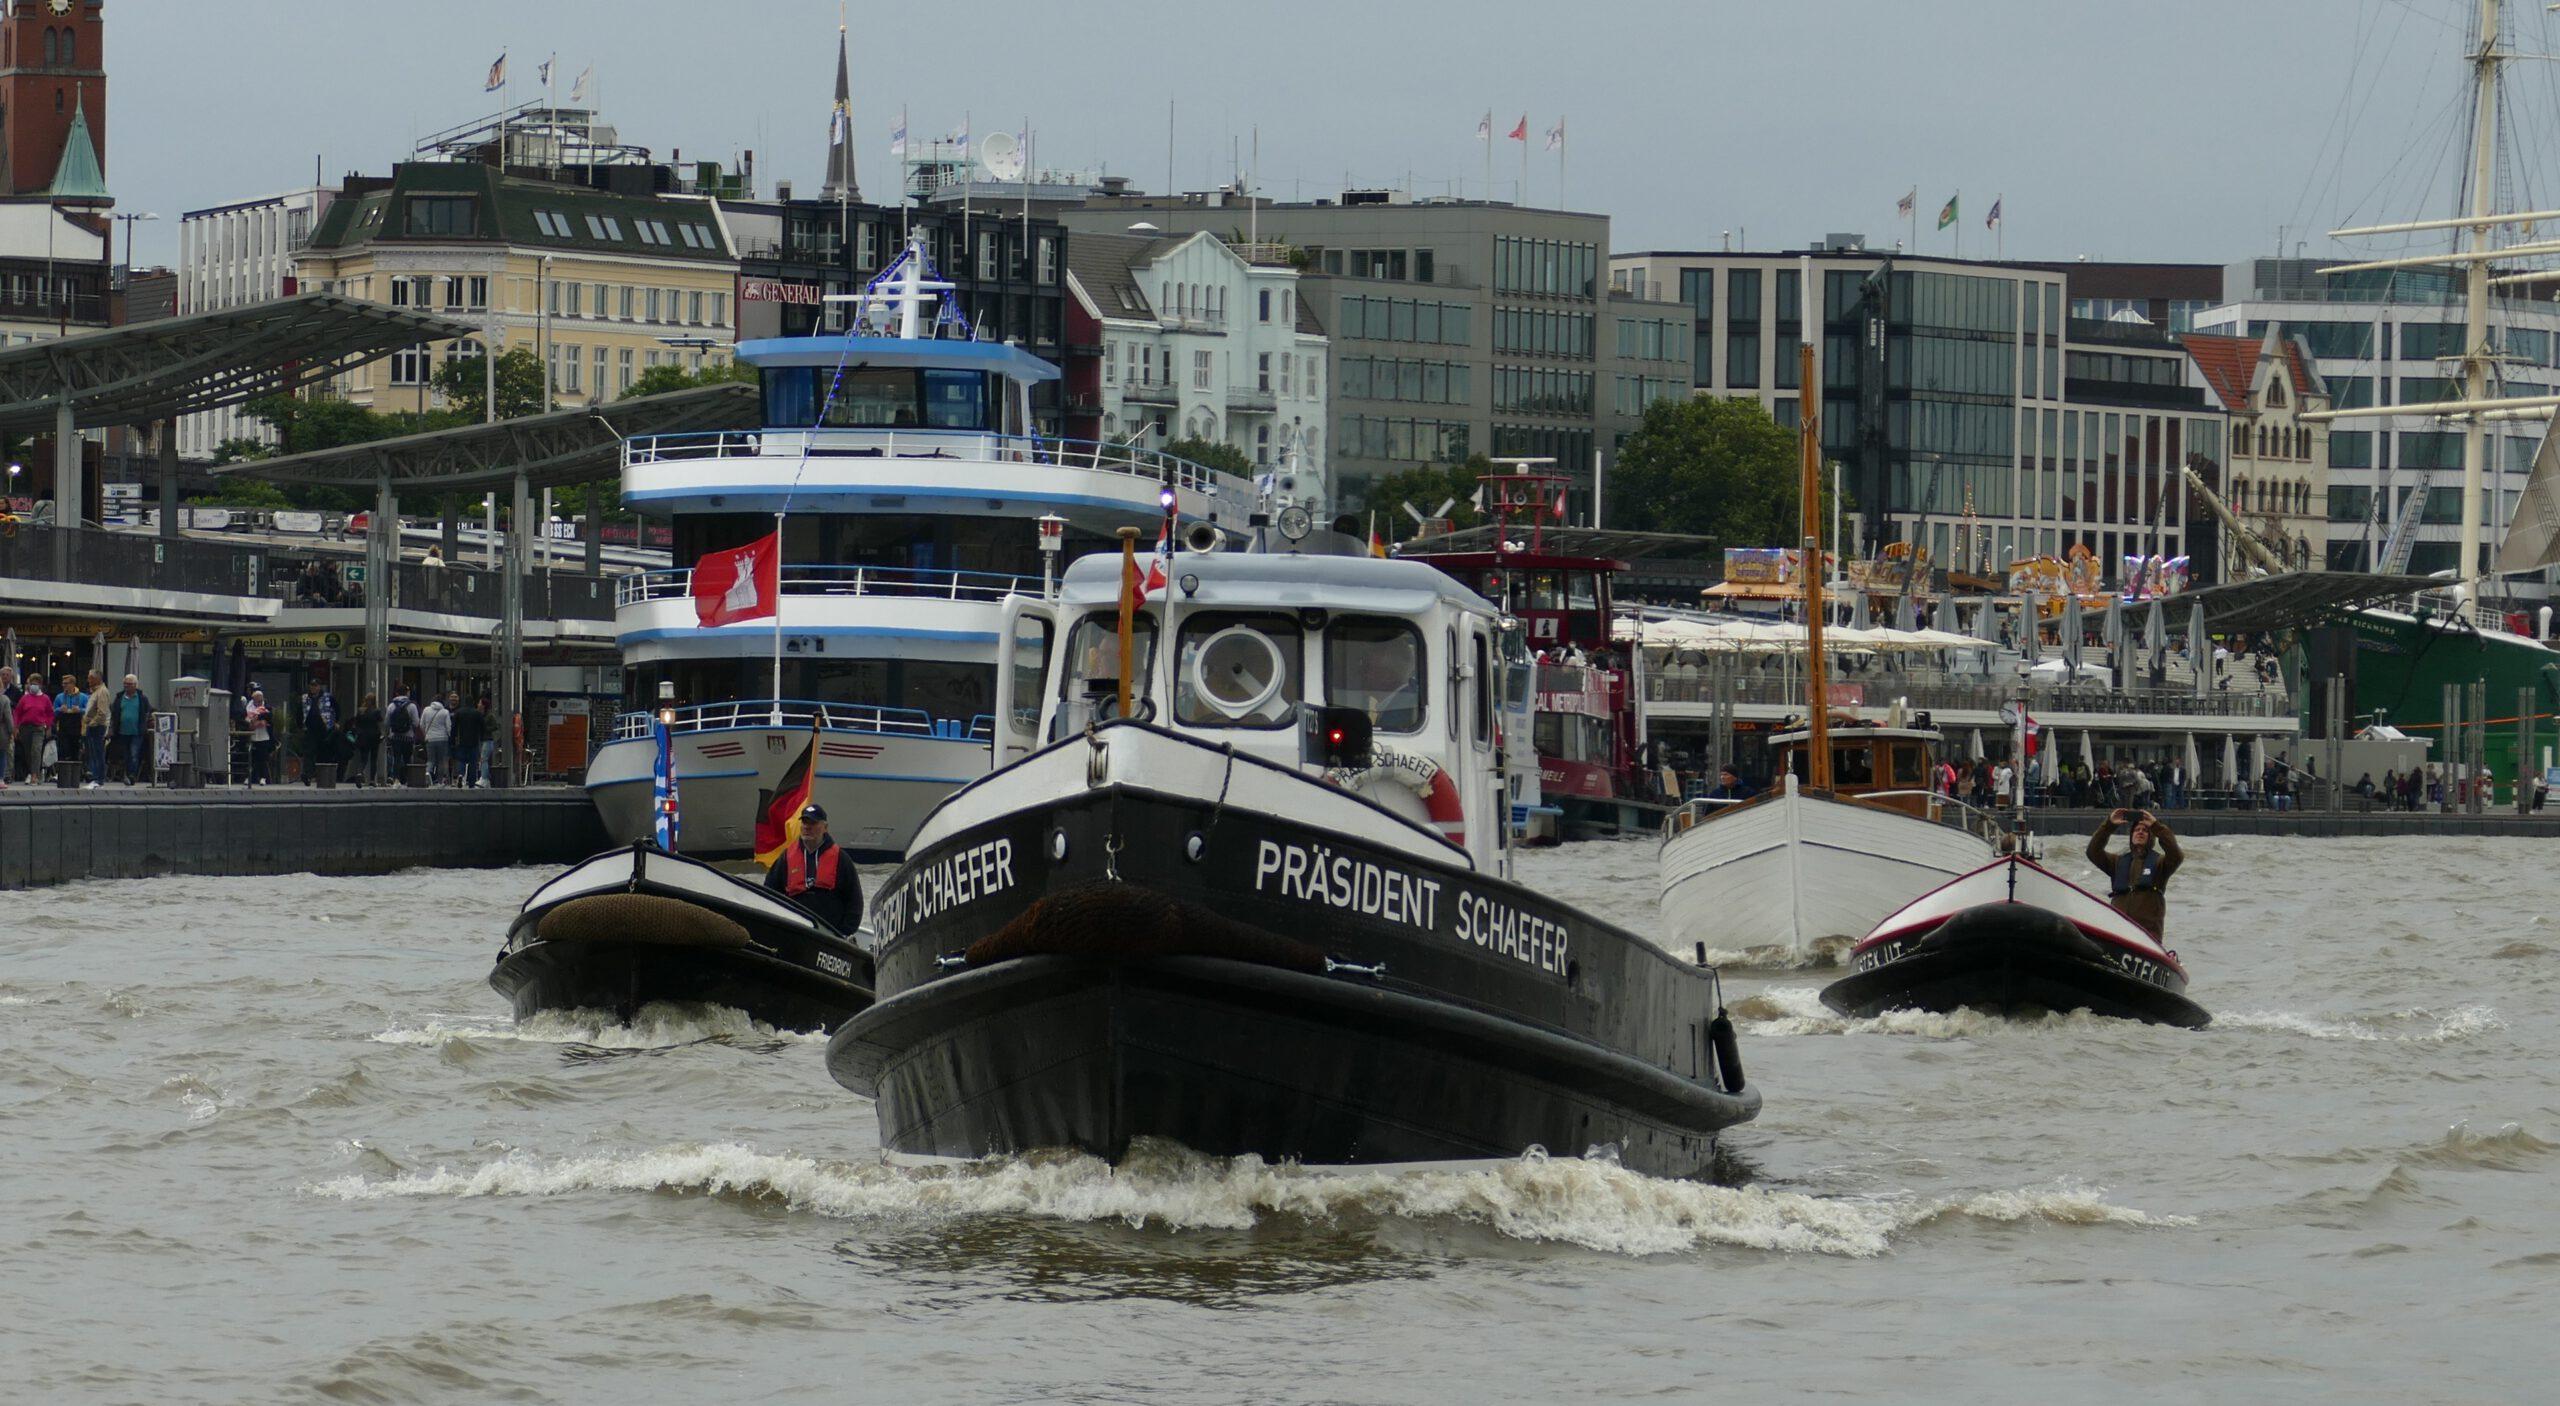 Traditionsschiffe vor den Landungsbrücken